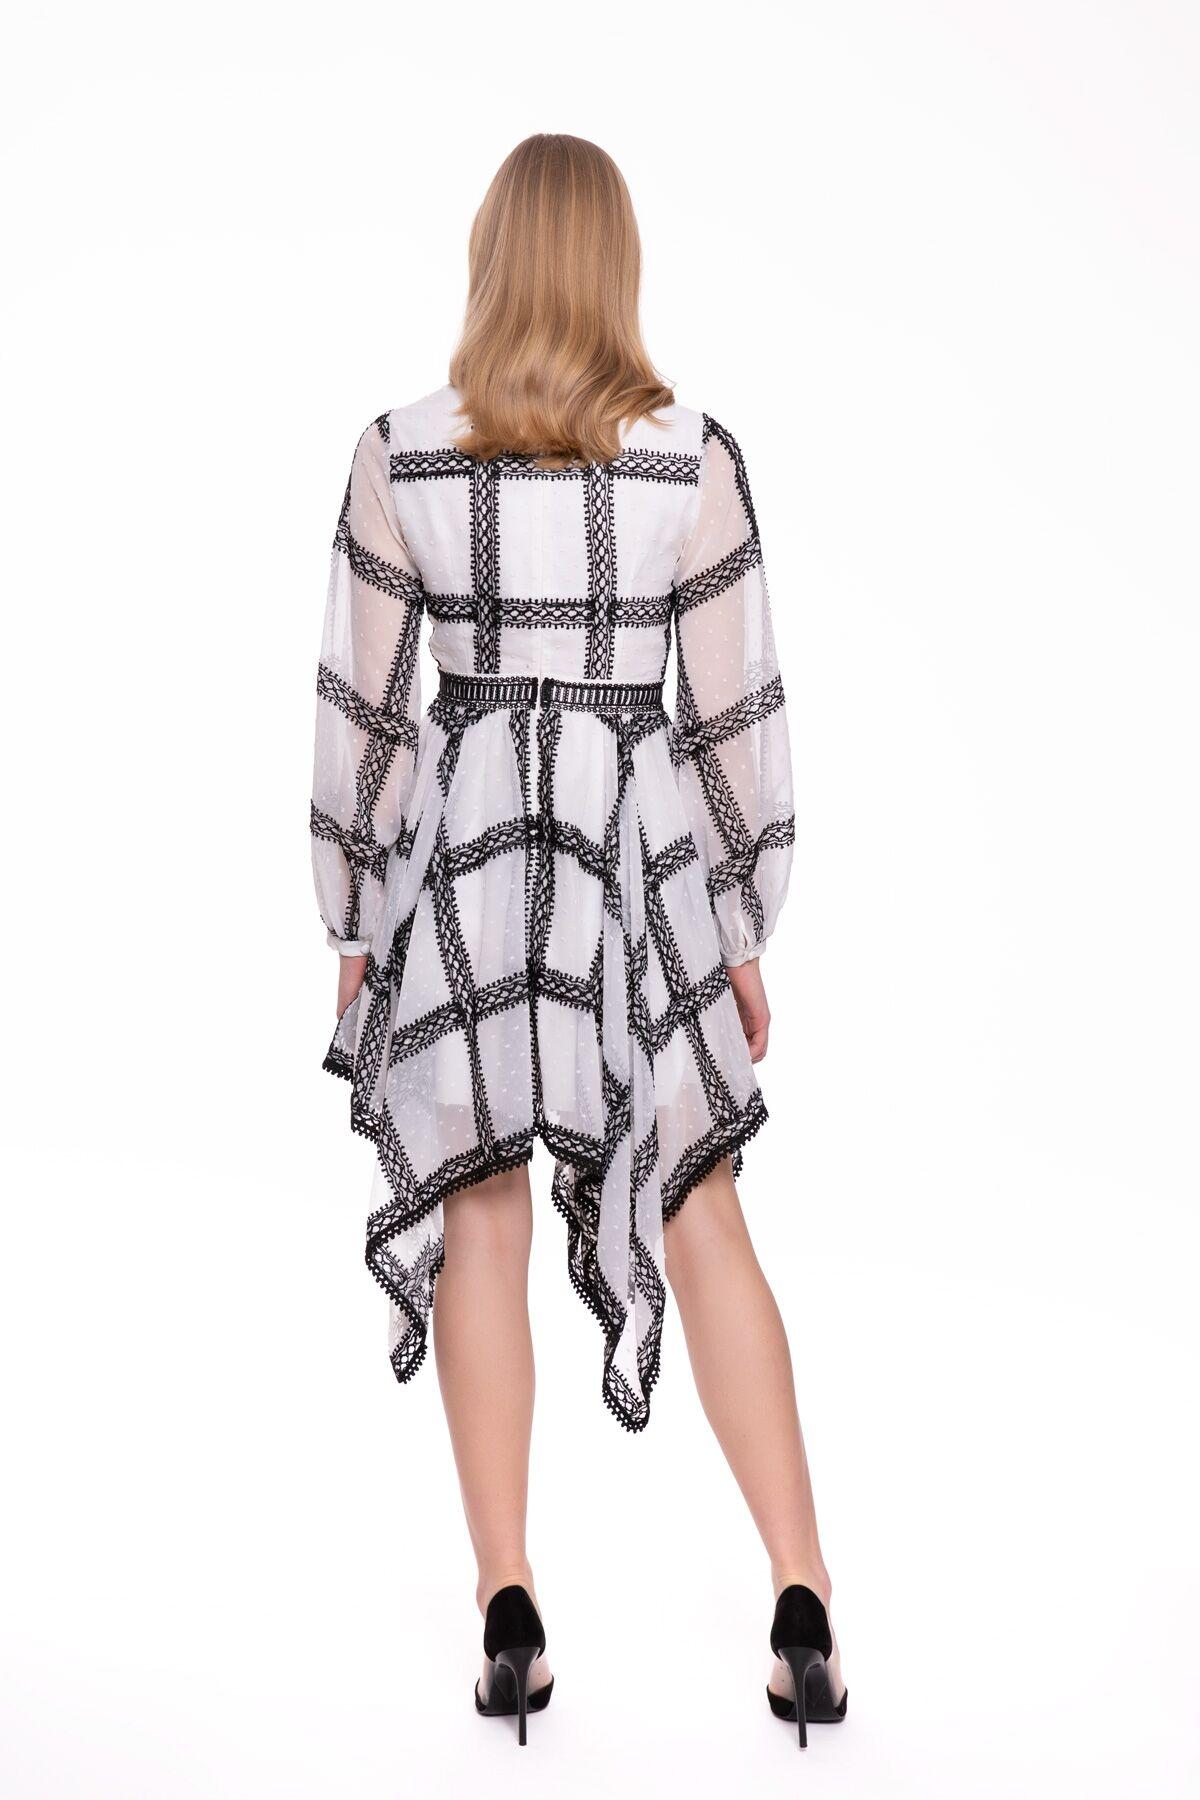 Etek Uçları Simetrik Kesim Bağlama Yaka Elbise